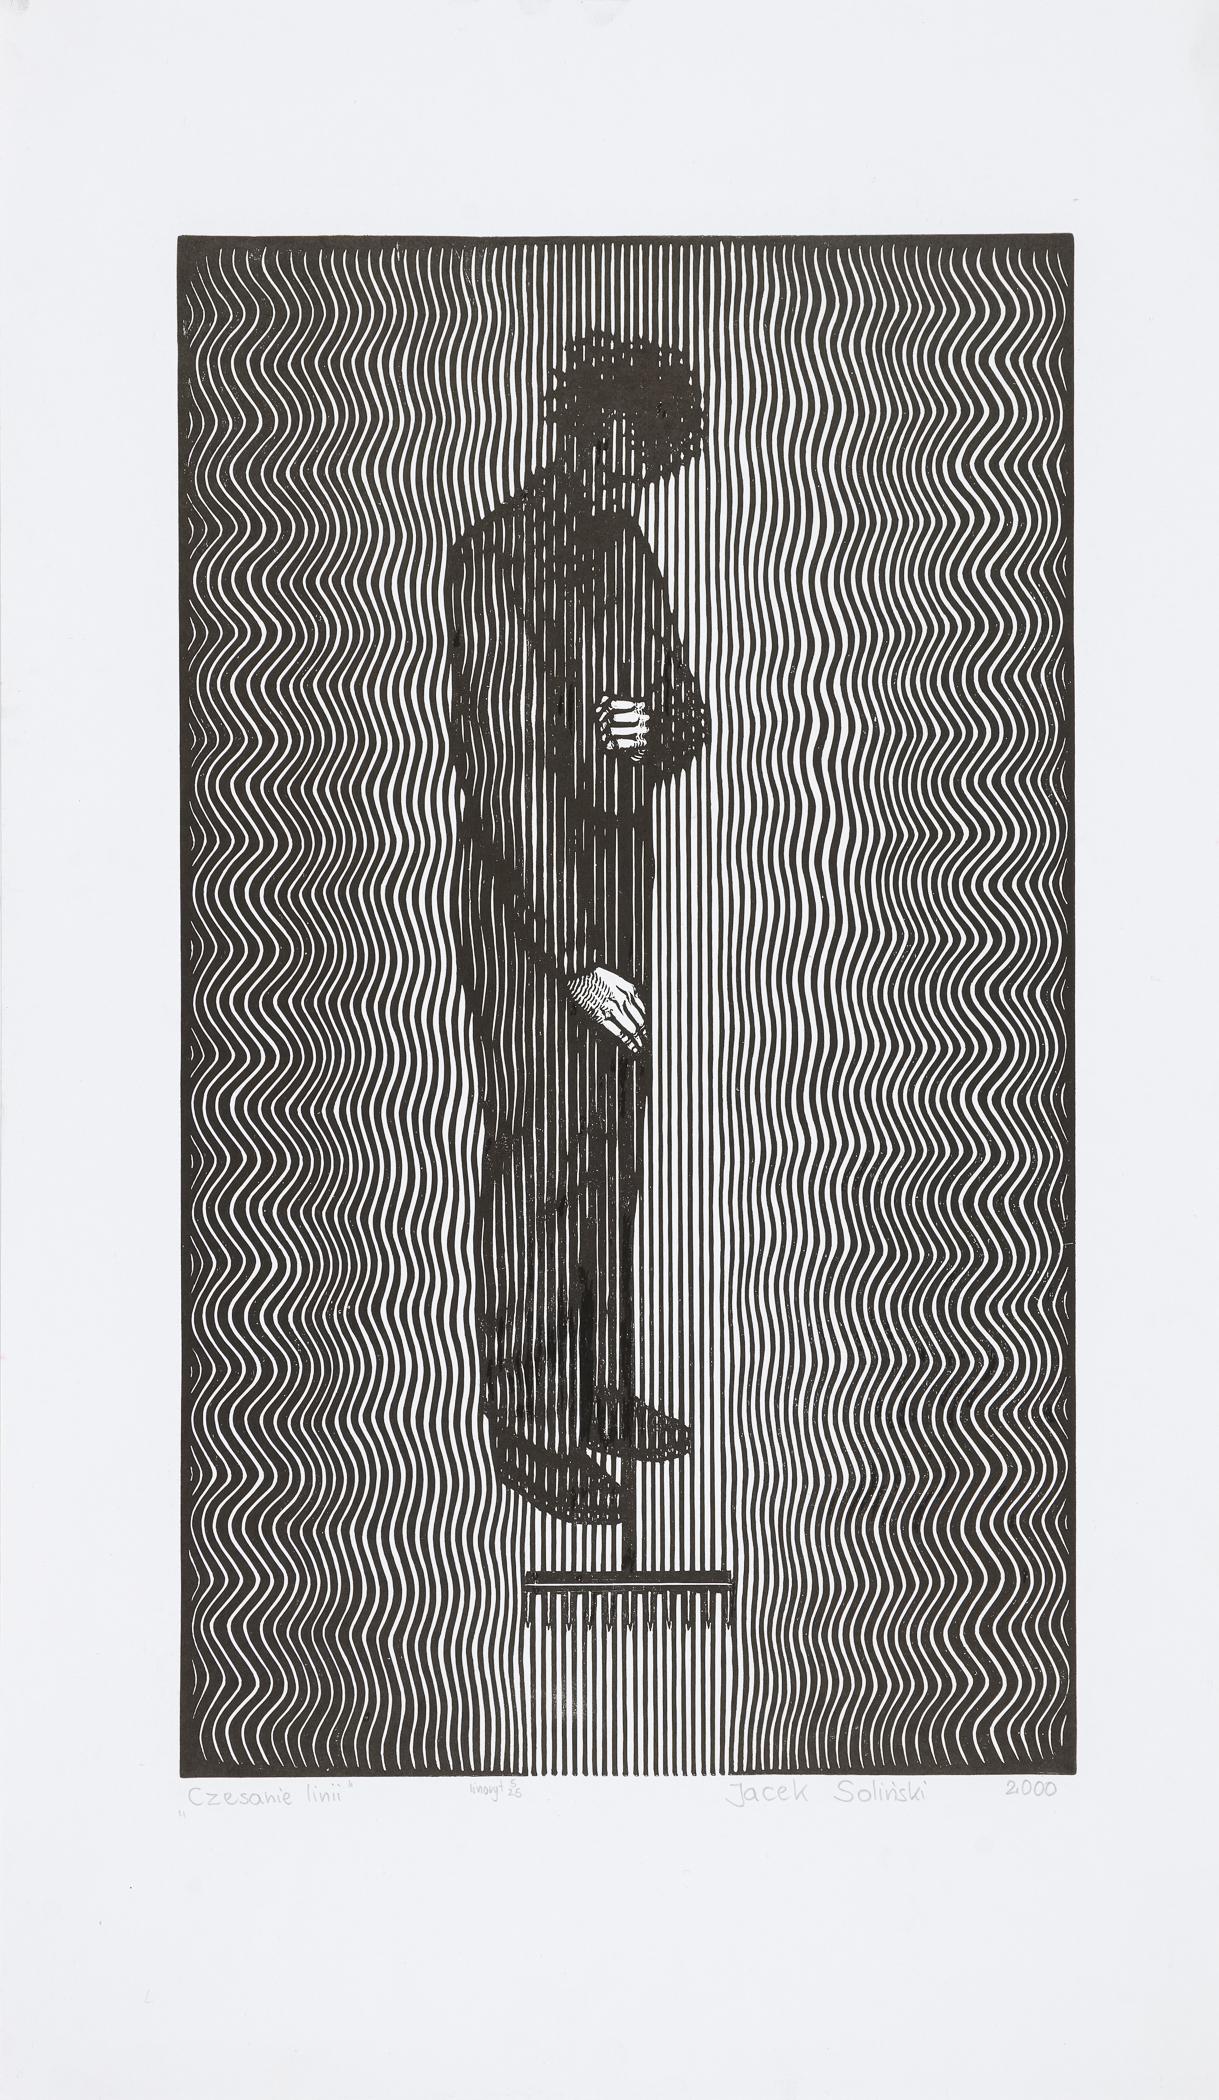 Czesanie linii, 2000